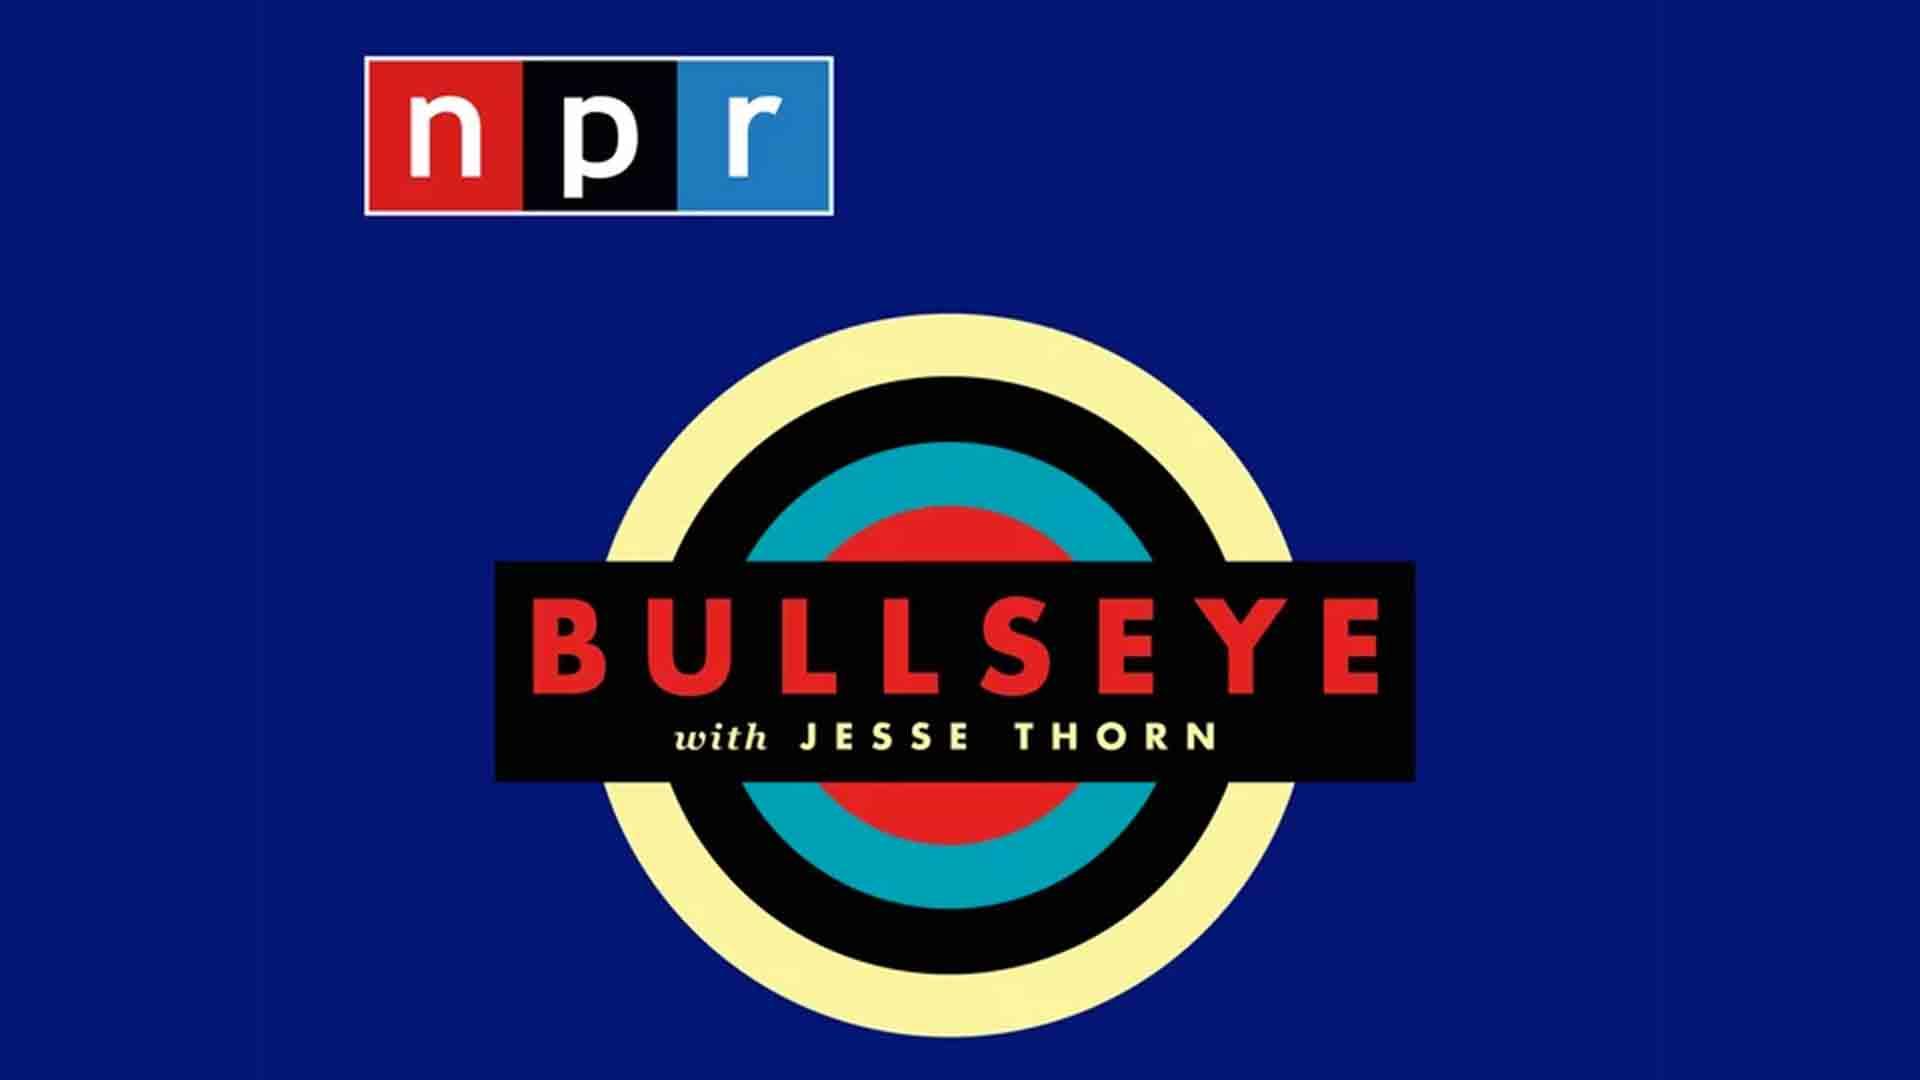 npr bullseye hero